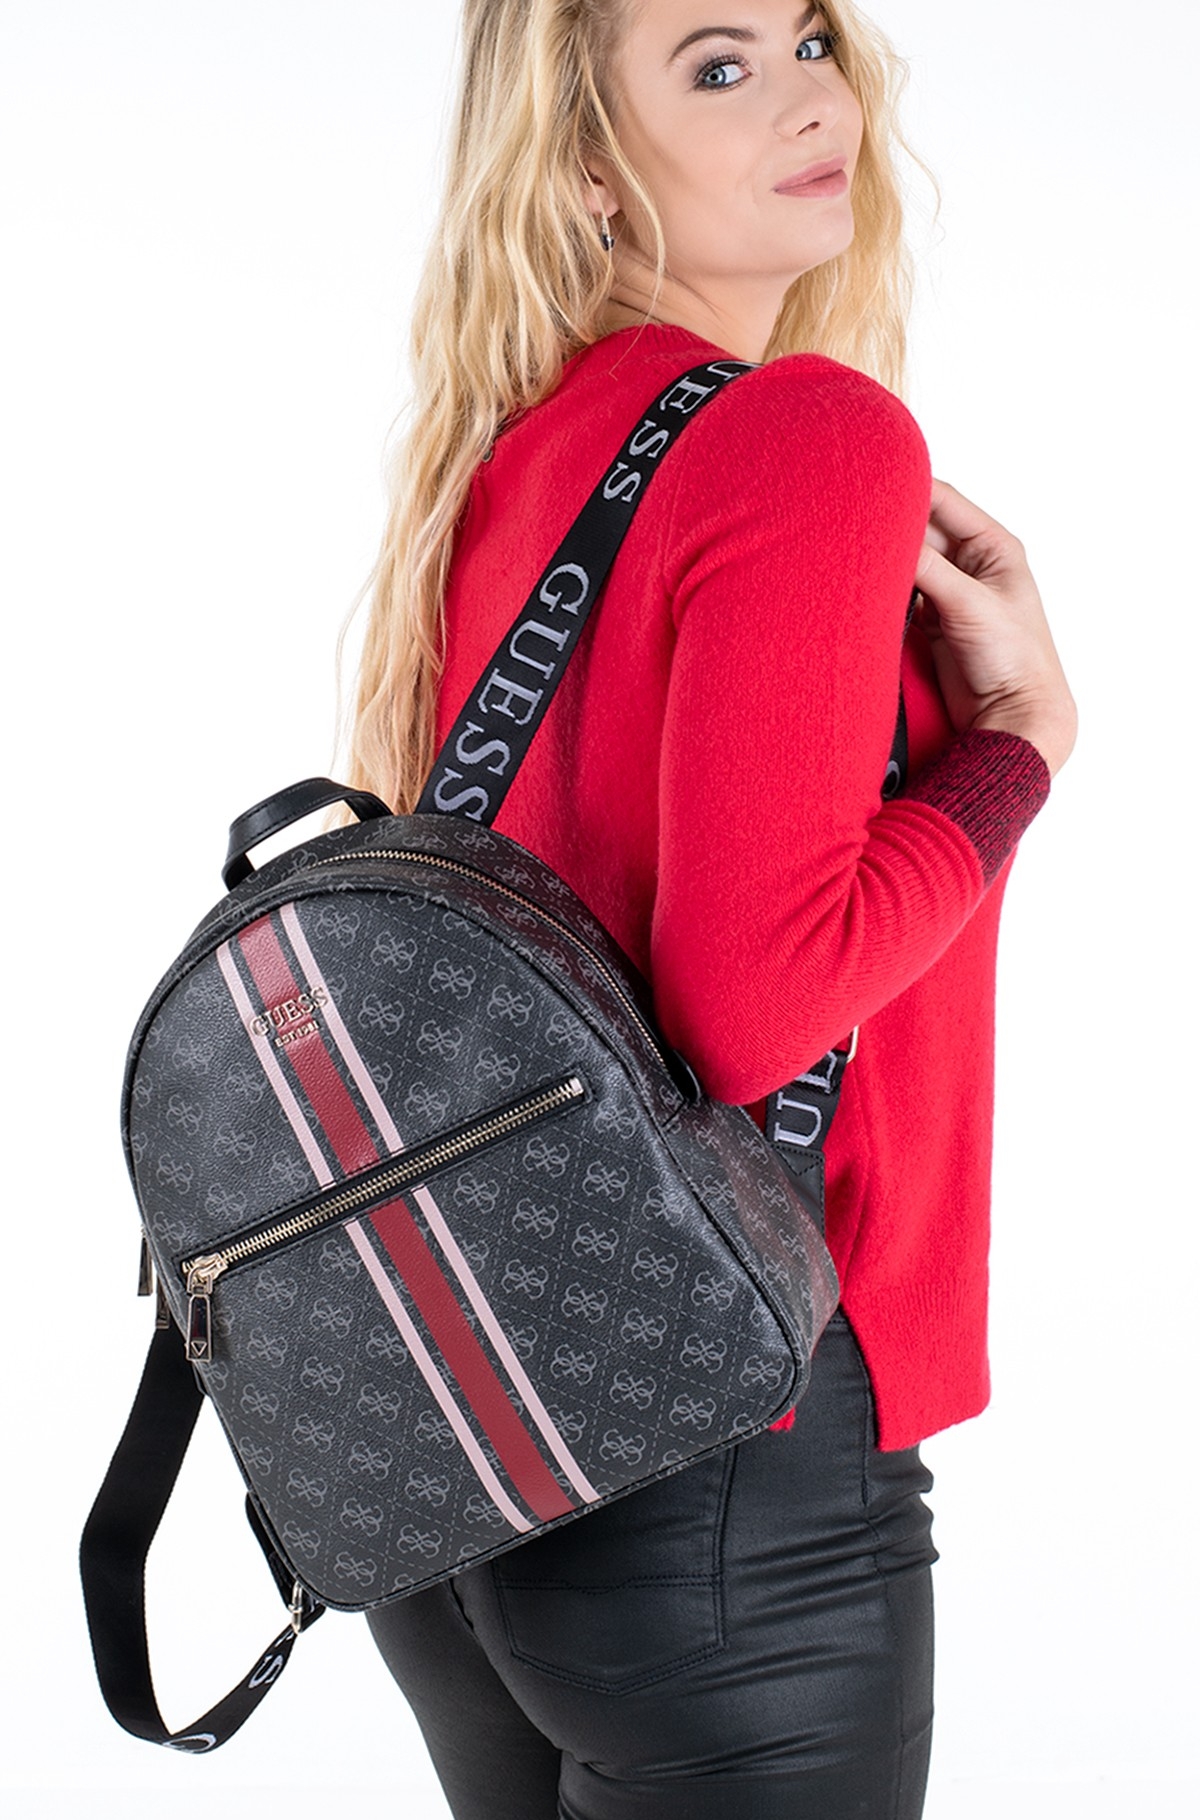 Backbag HWSS69 95320-full-1